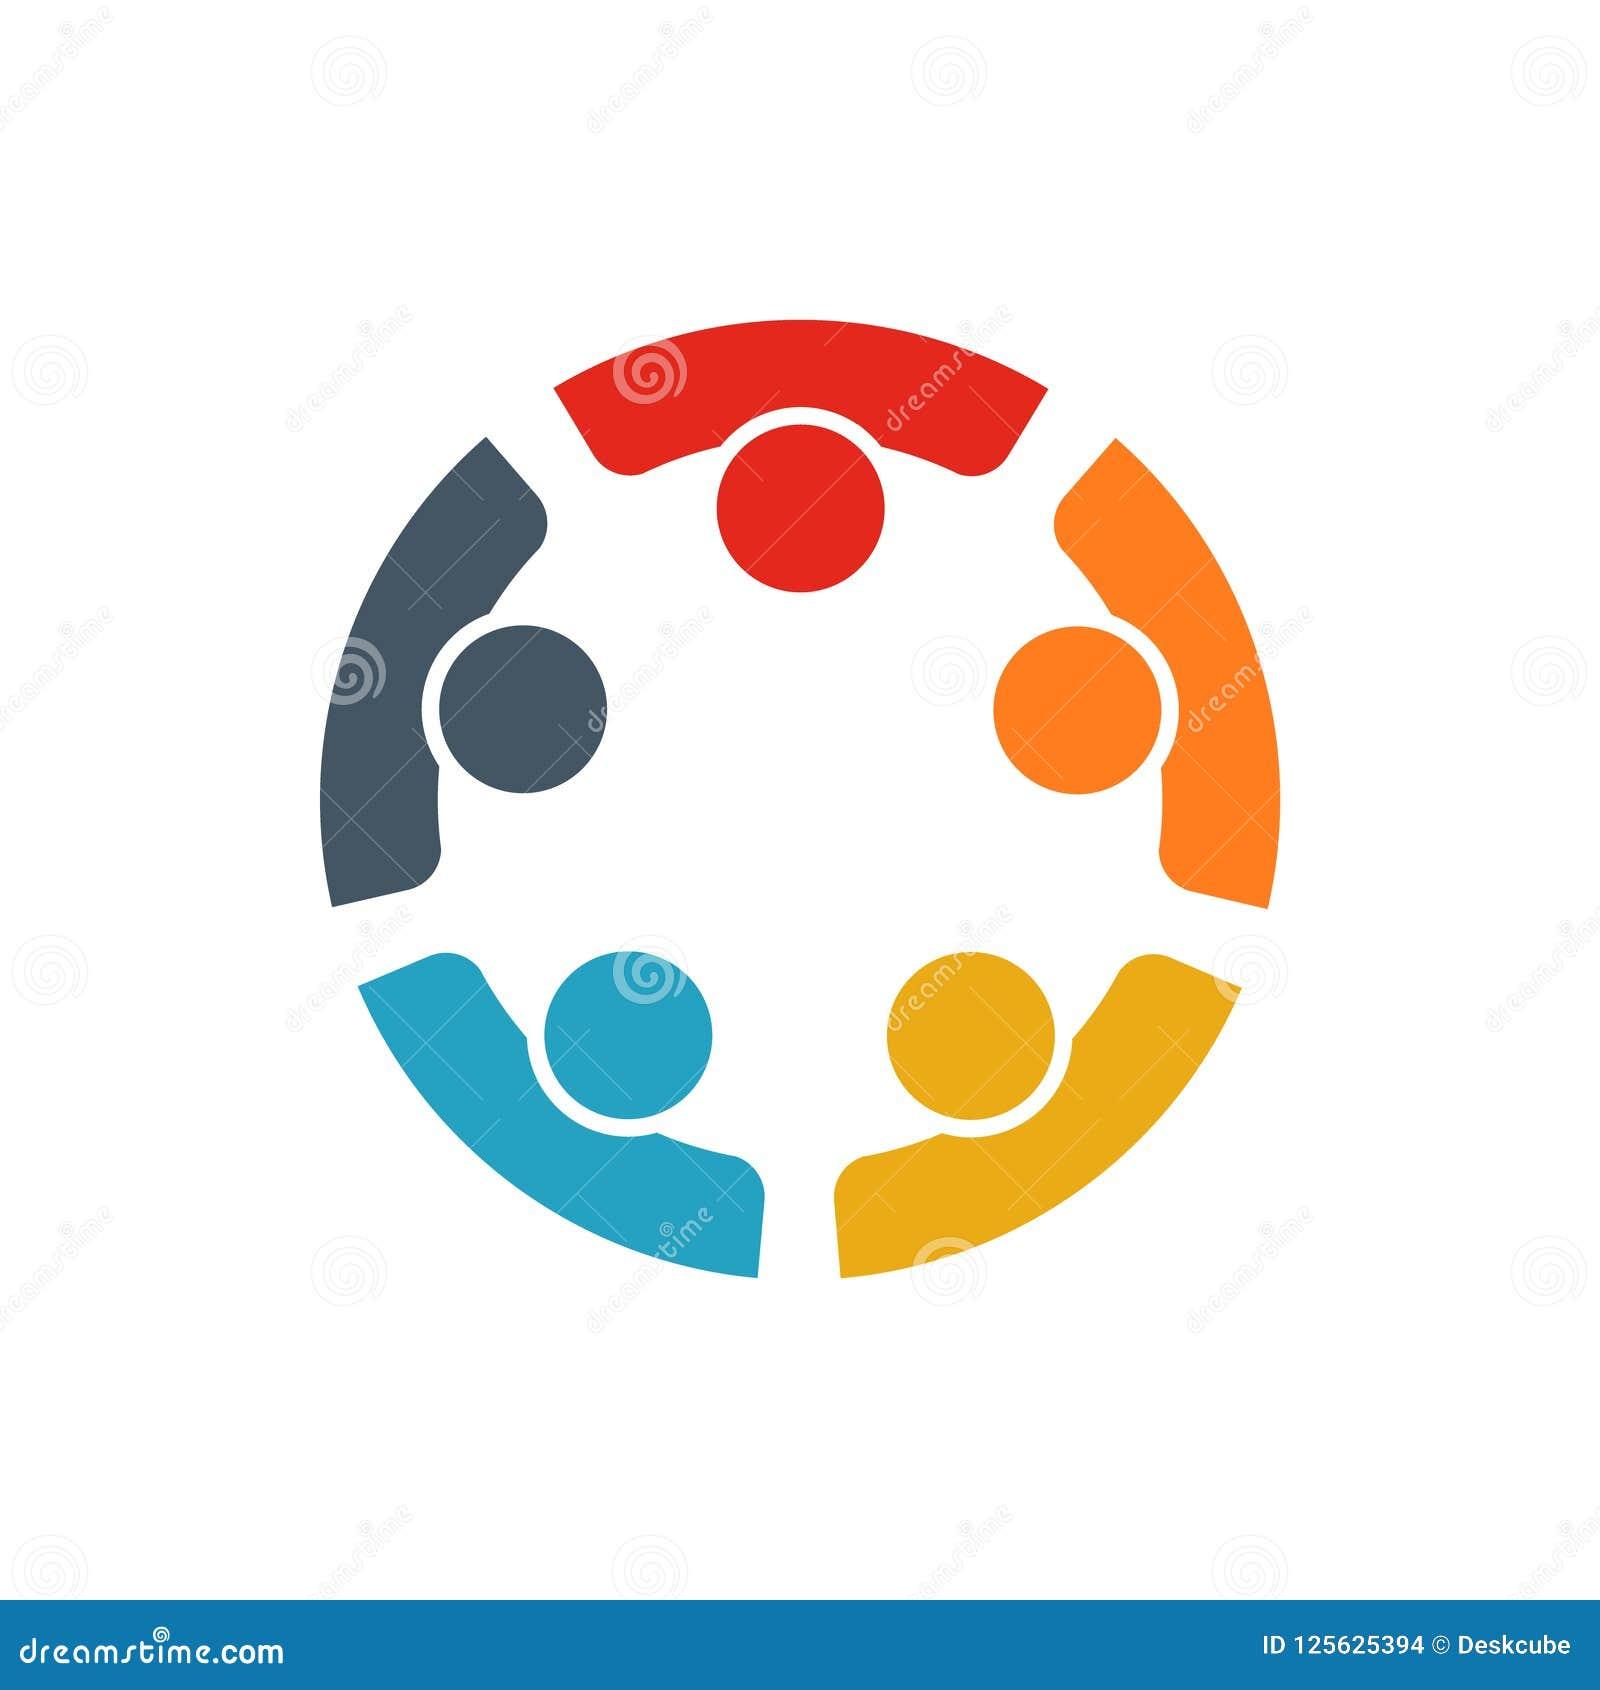 Groepswerk van vijf personen die een doel samenwerken te bereiken